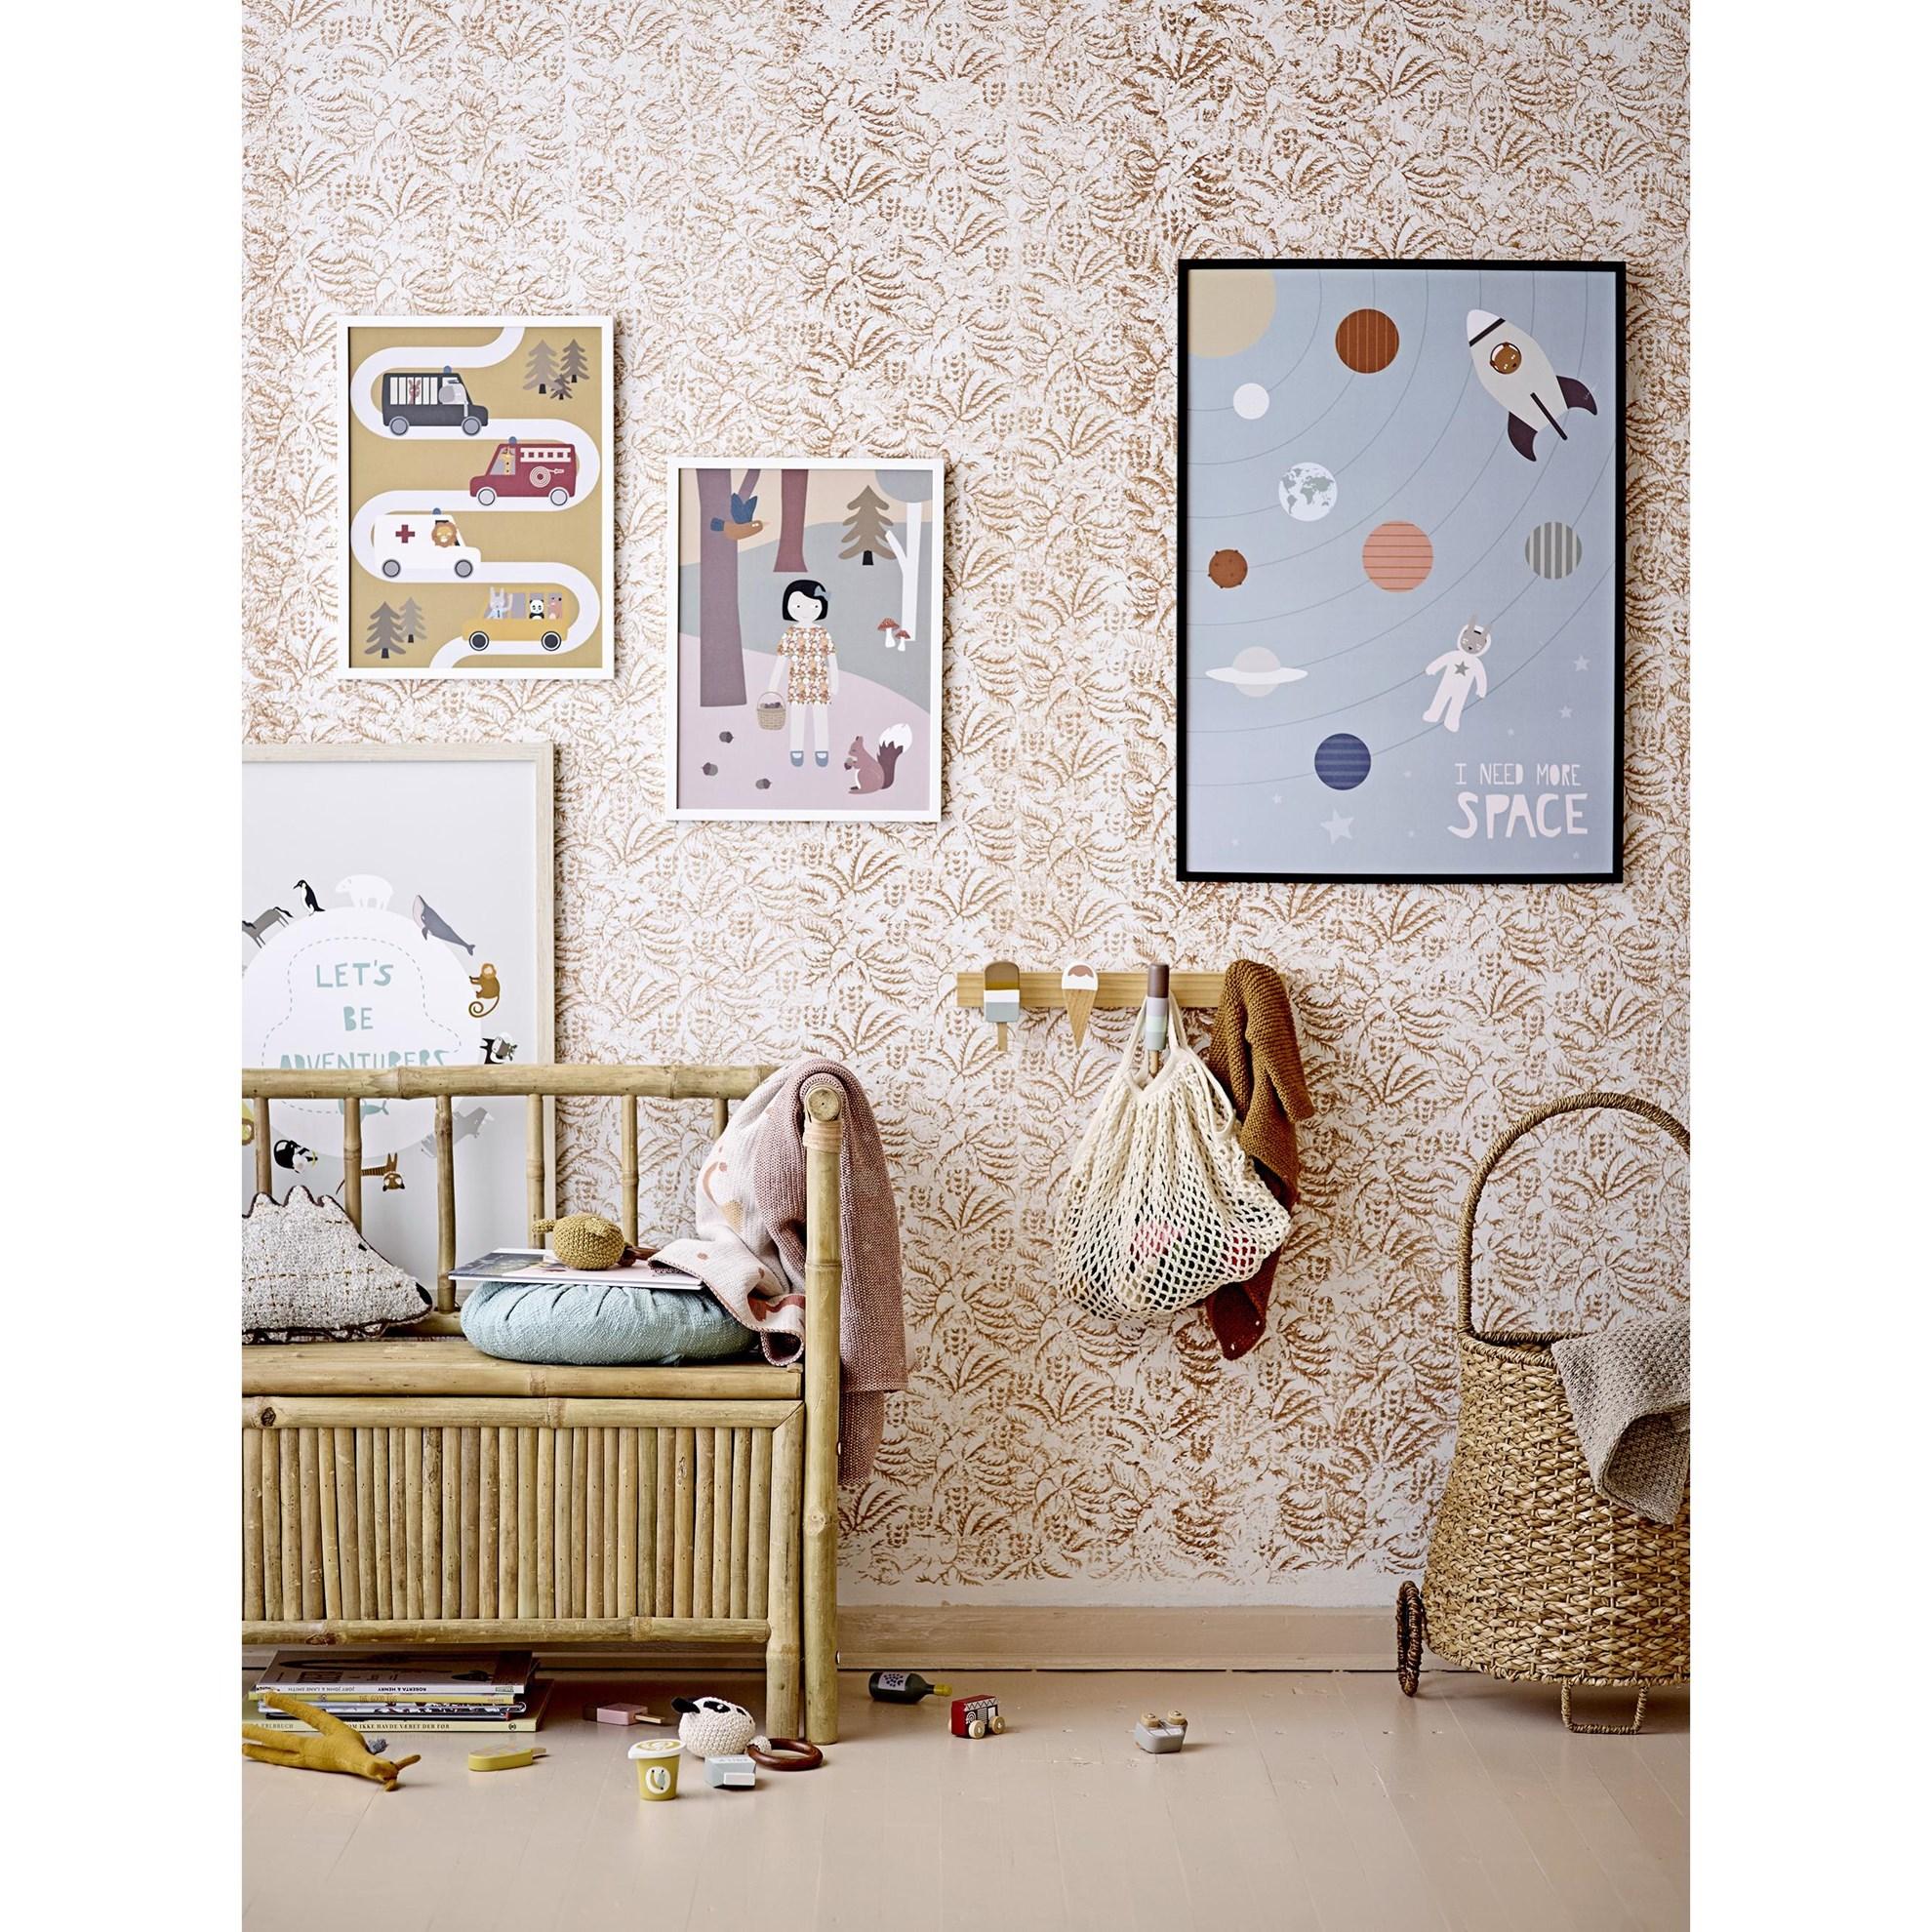 Dřevěný obraz do dětského pokoje 32xV.42 cm_2